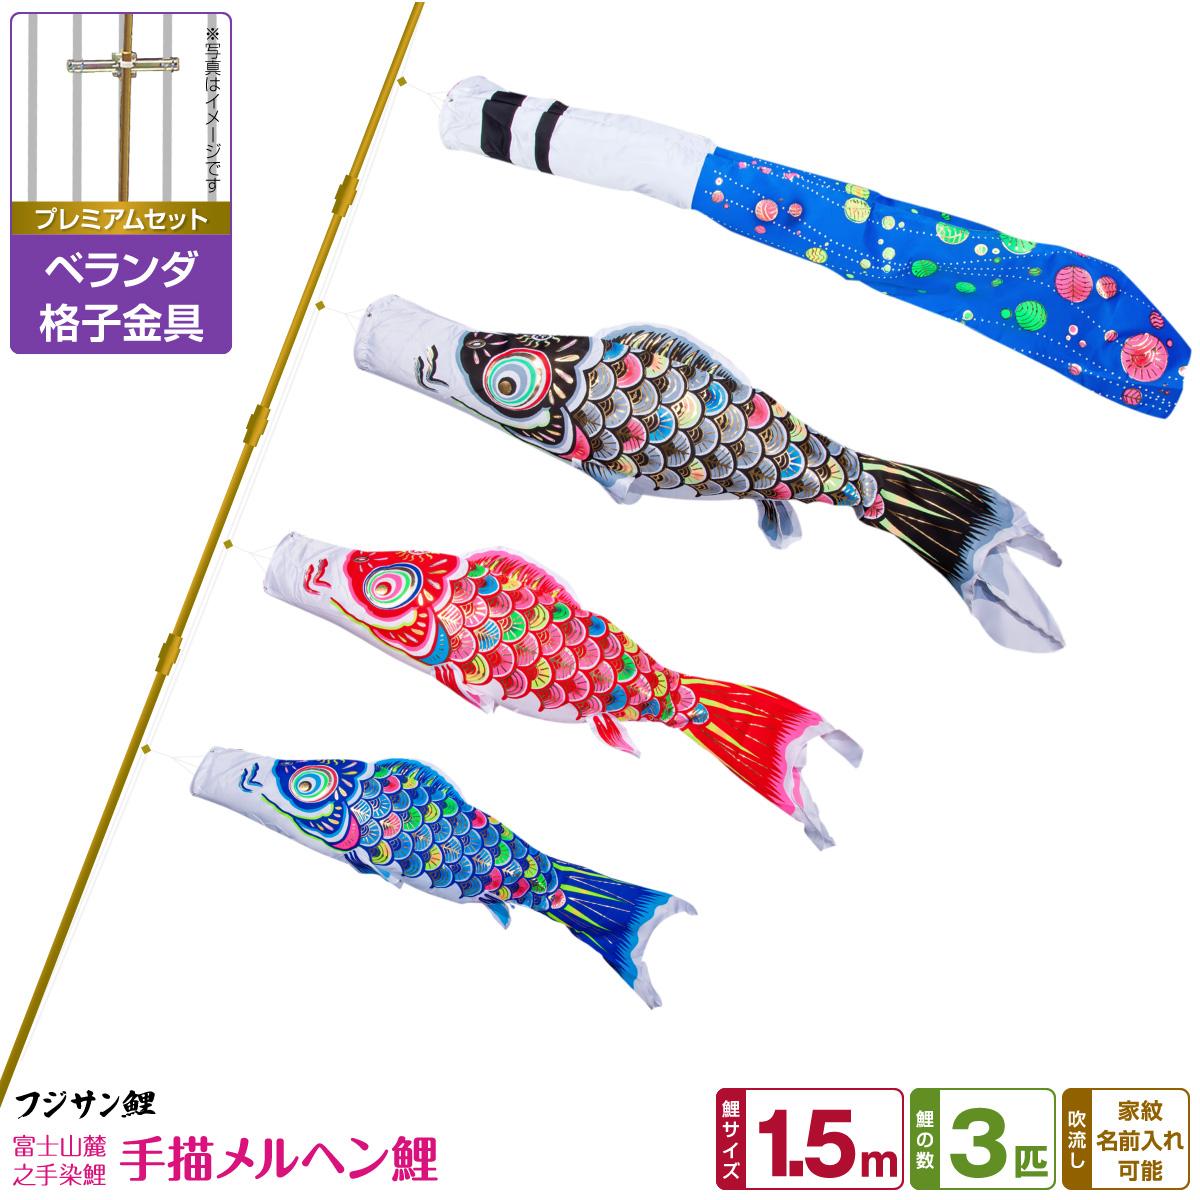 ベランダ用 こいのぼり 鯉のぼり フジサン鯉 手描メルヘン鯉 1.5m 6点(吹流し+鯉3匹+矢車+ロープ)/プレミアムセット(格子金具)